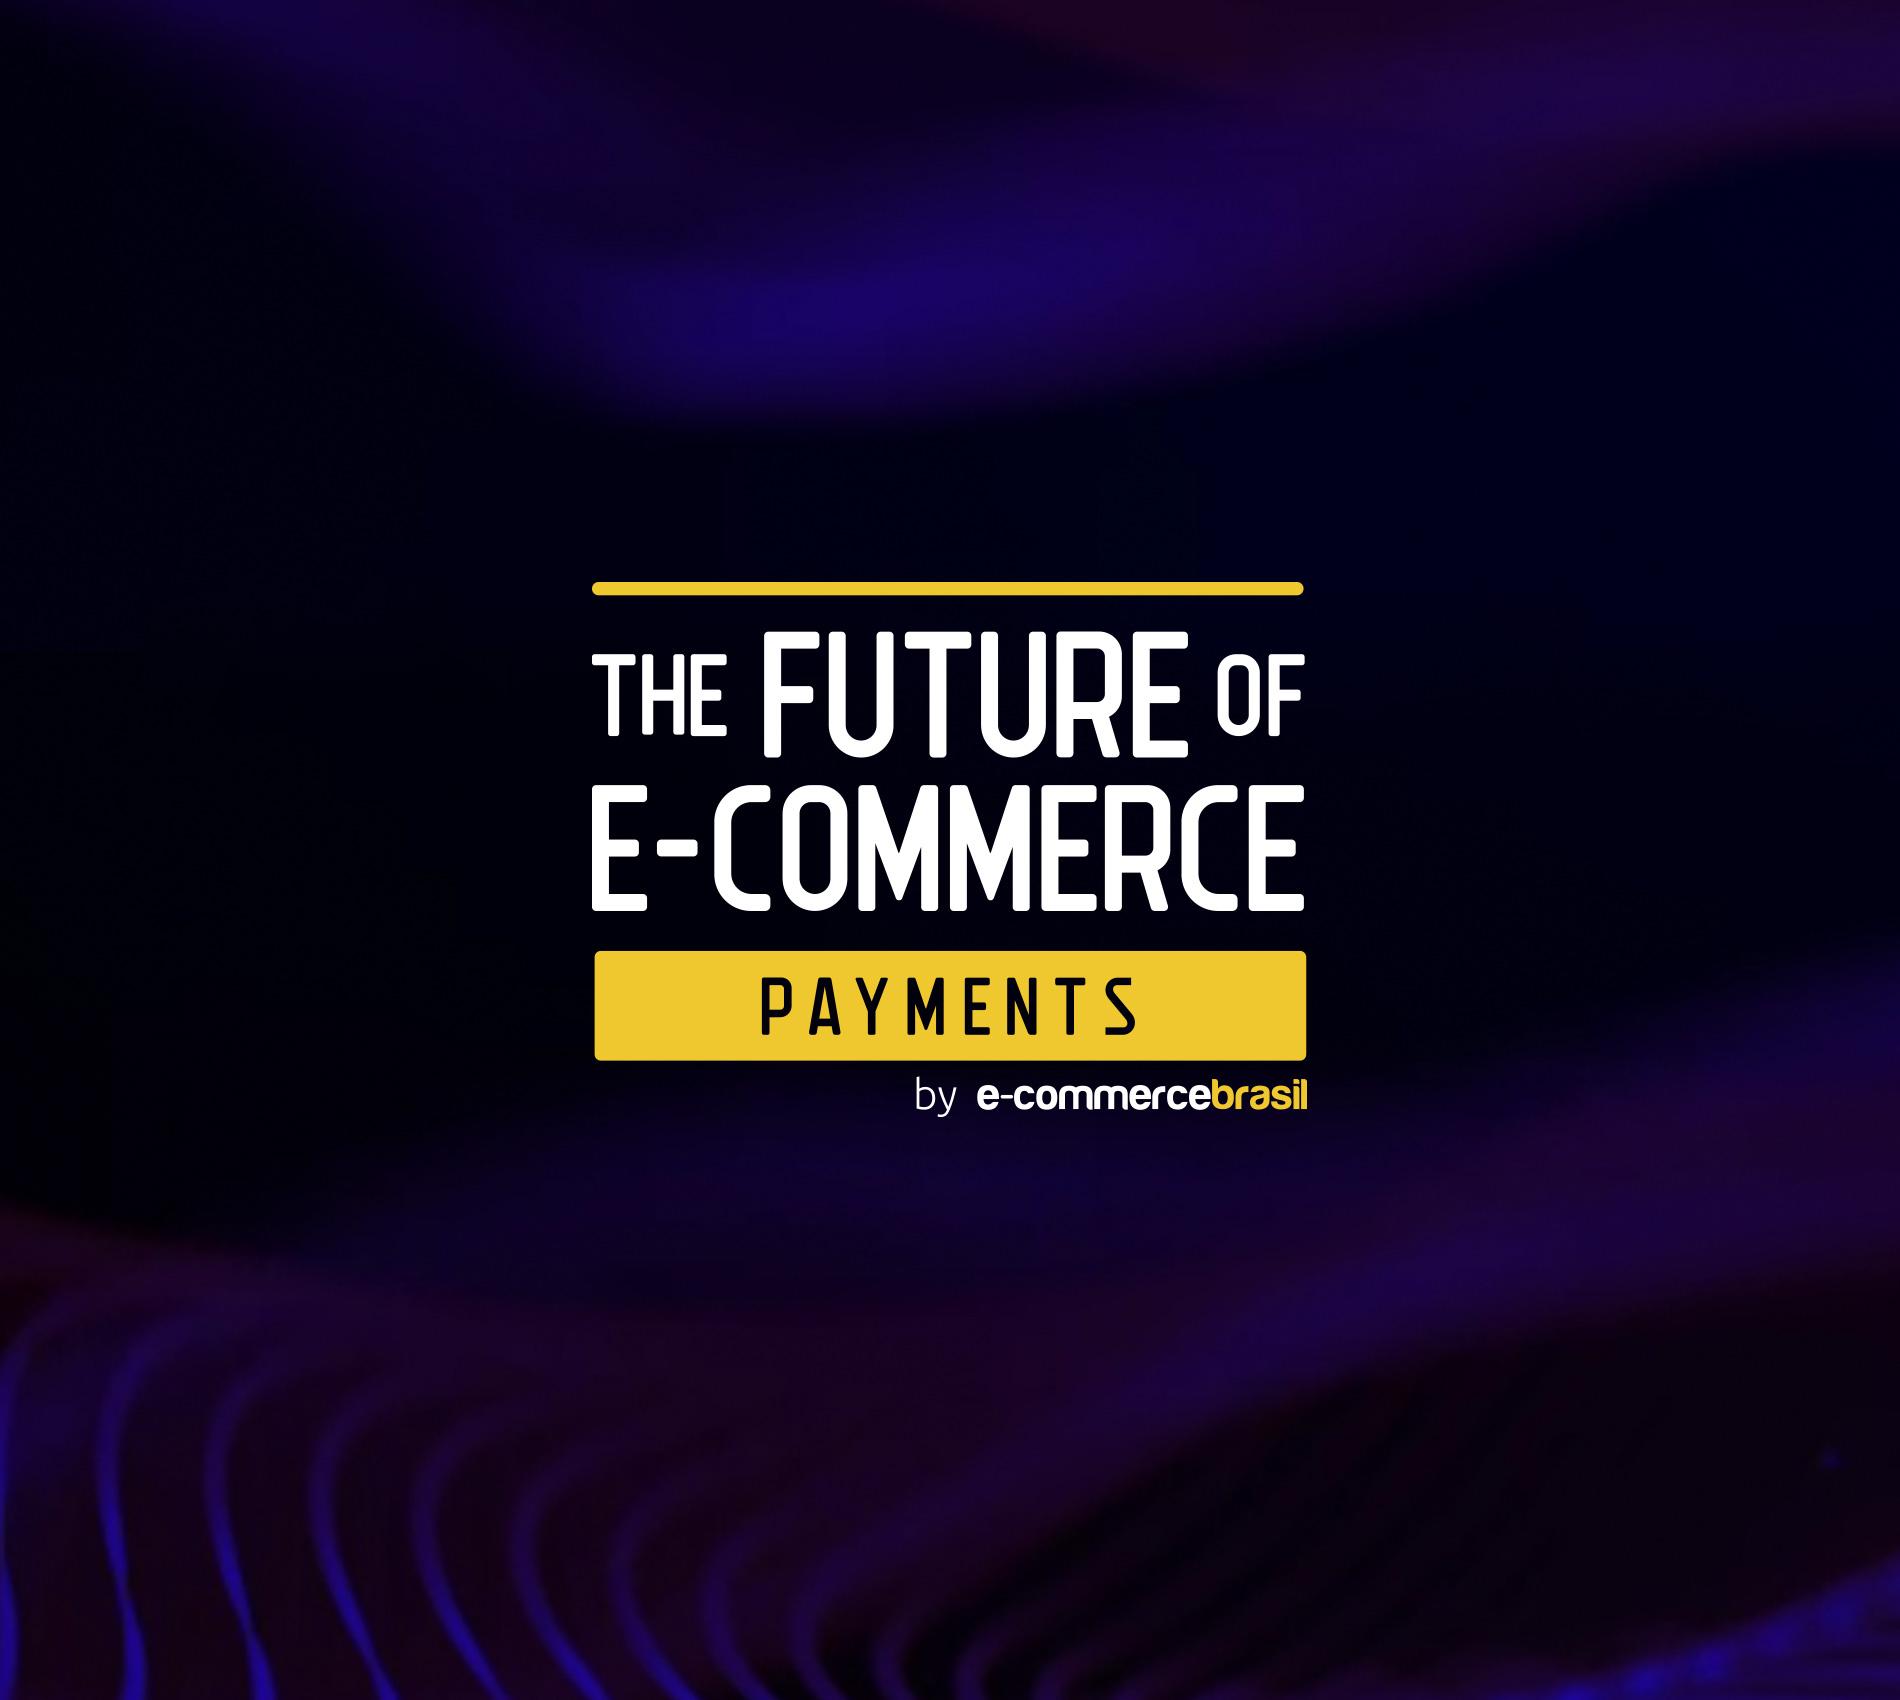 The Future of E-commerce – Edição Payments 2020